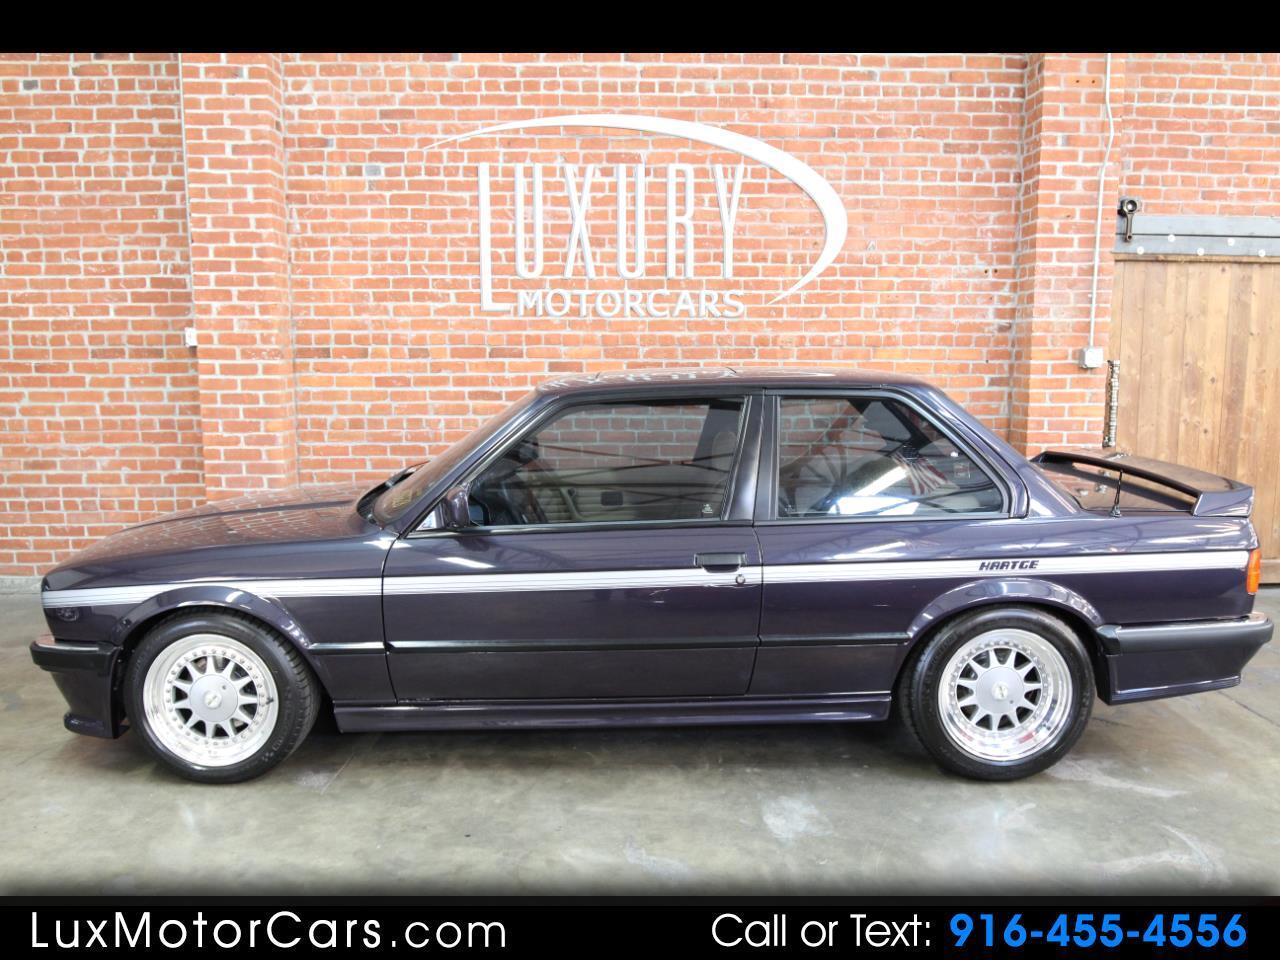 BMW 323i Base 1985